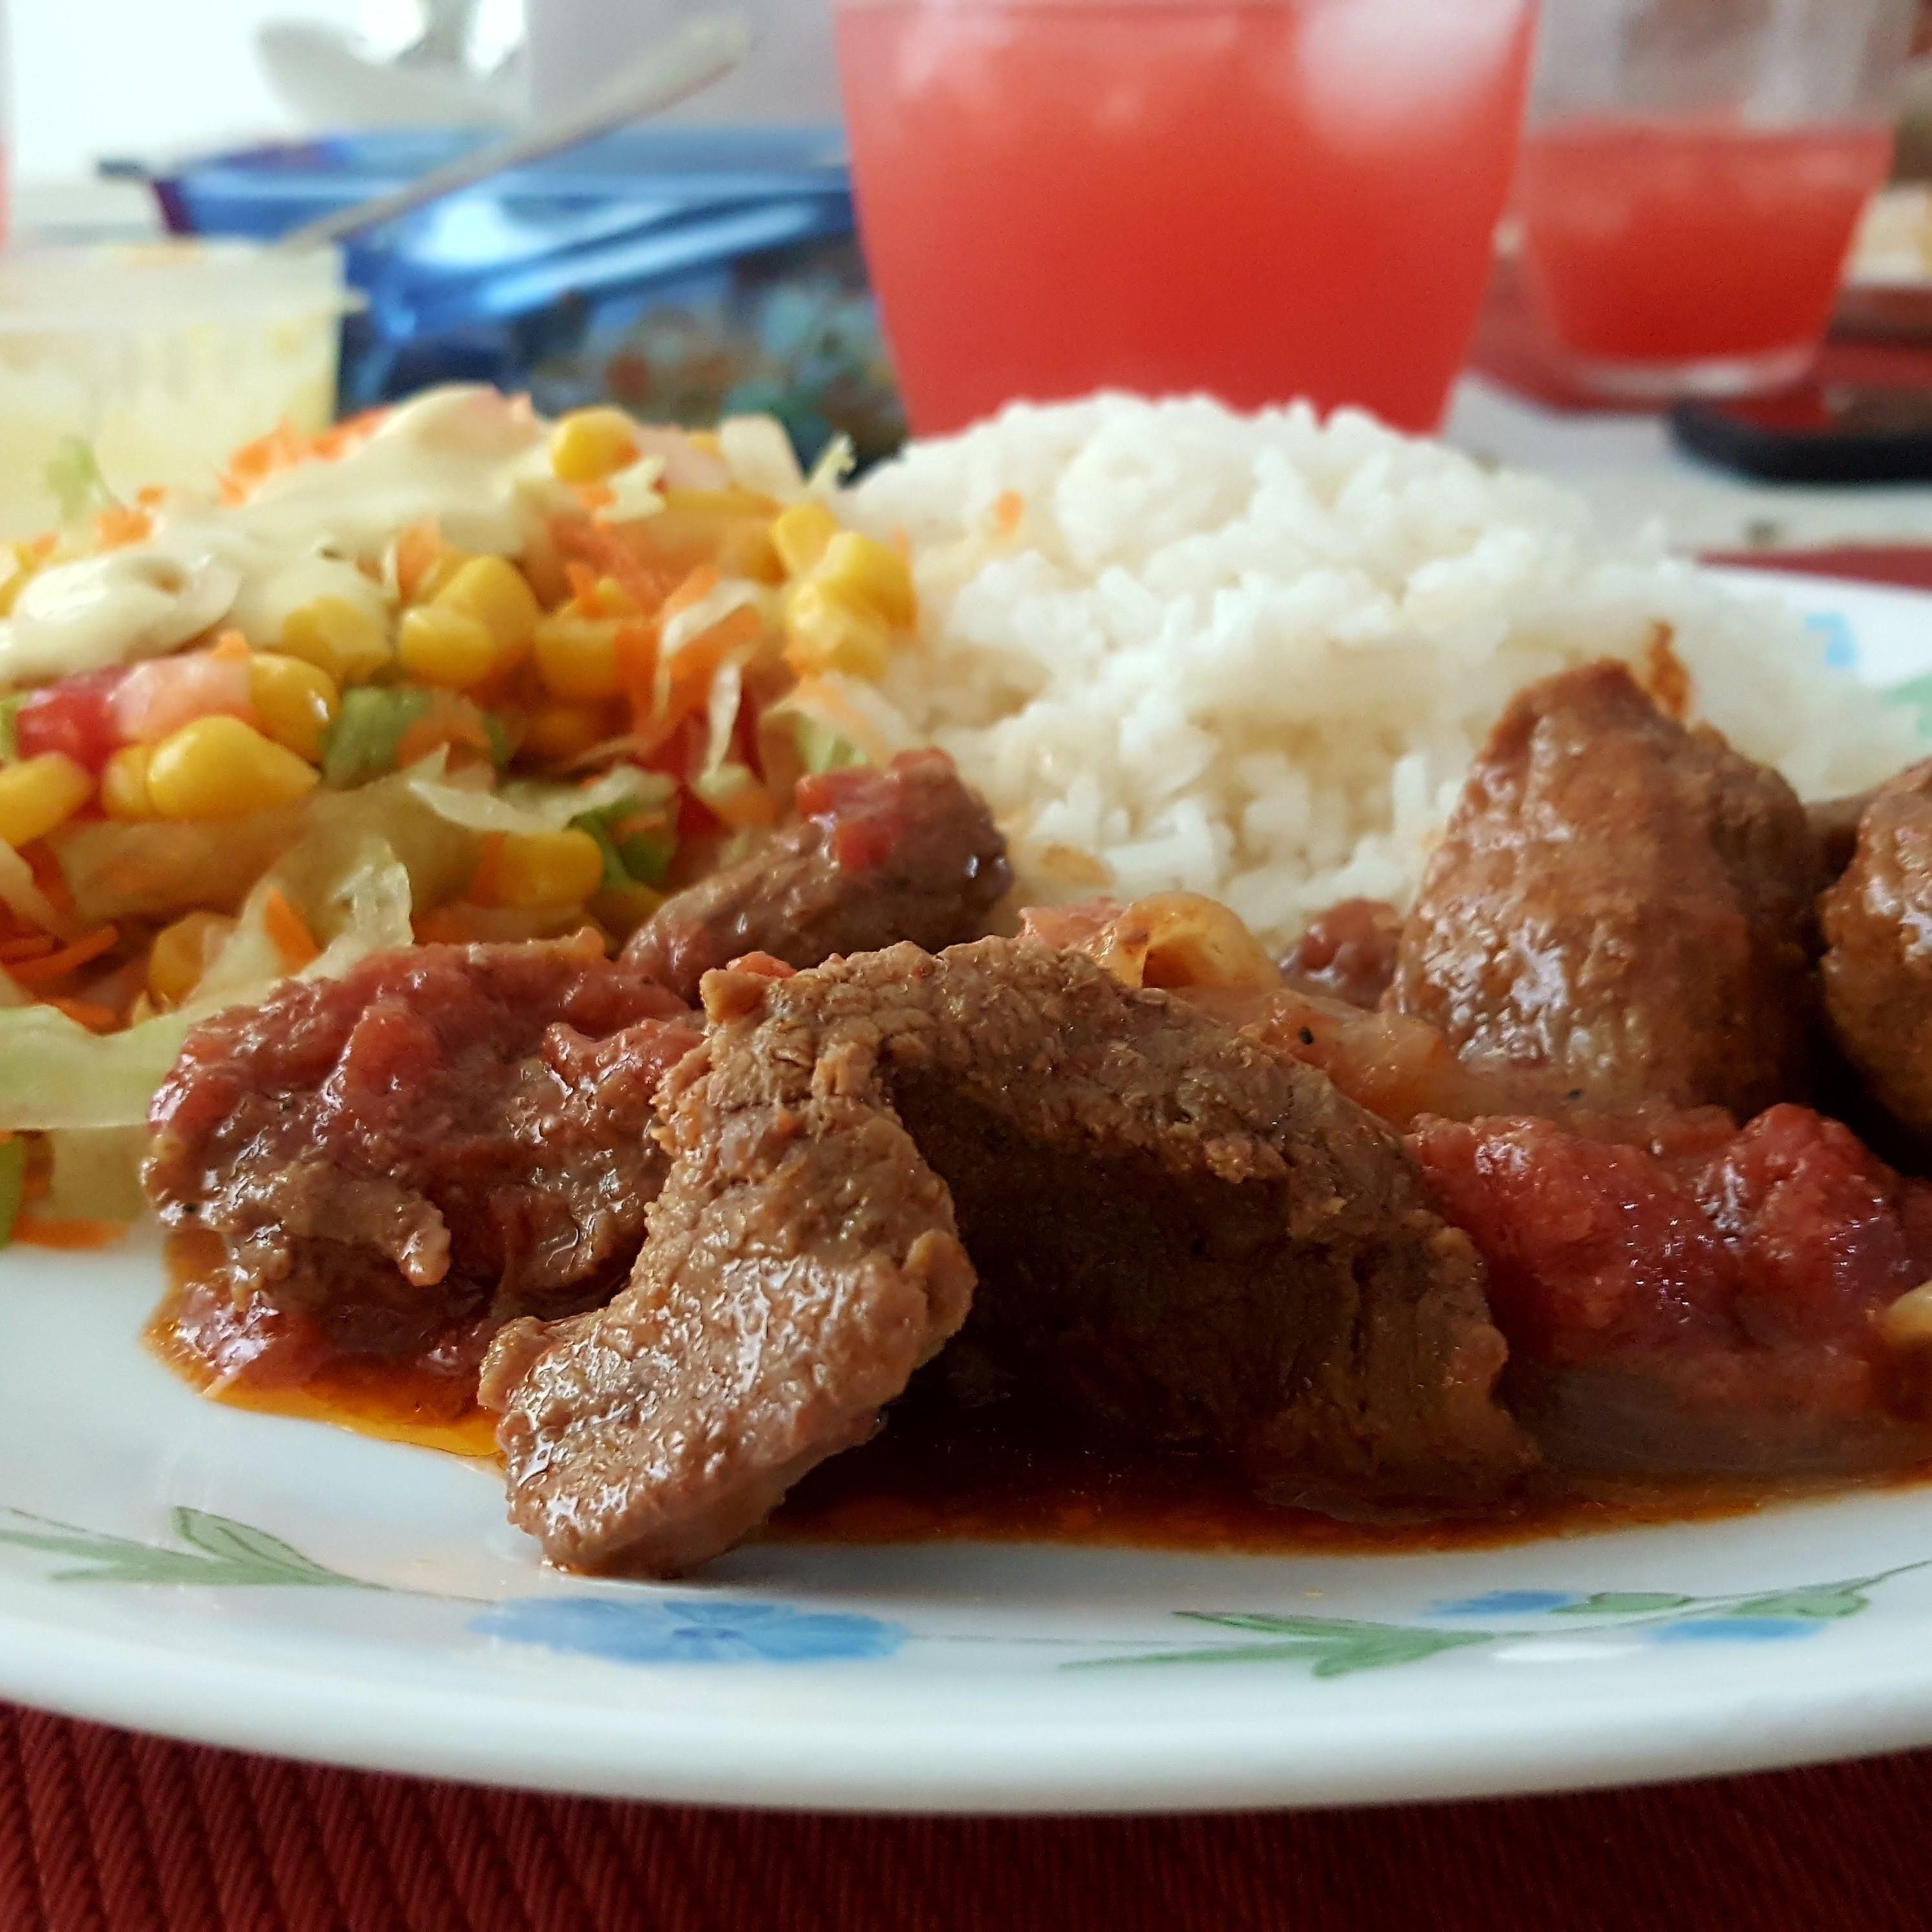 Carne En Salsa De Tomates U Cebolla Ensalada Mixta Con Maiz Dulce Y Arroz Blanco Feliz Sabado Para Todos Buen Prove Recetas De Comida Comida Comida Sabrosa